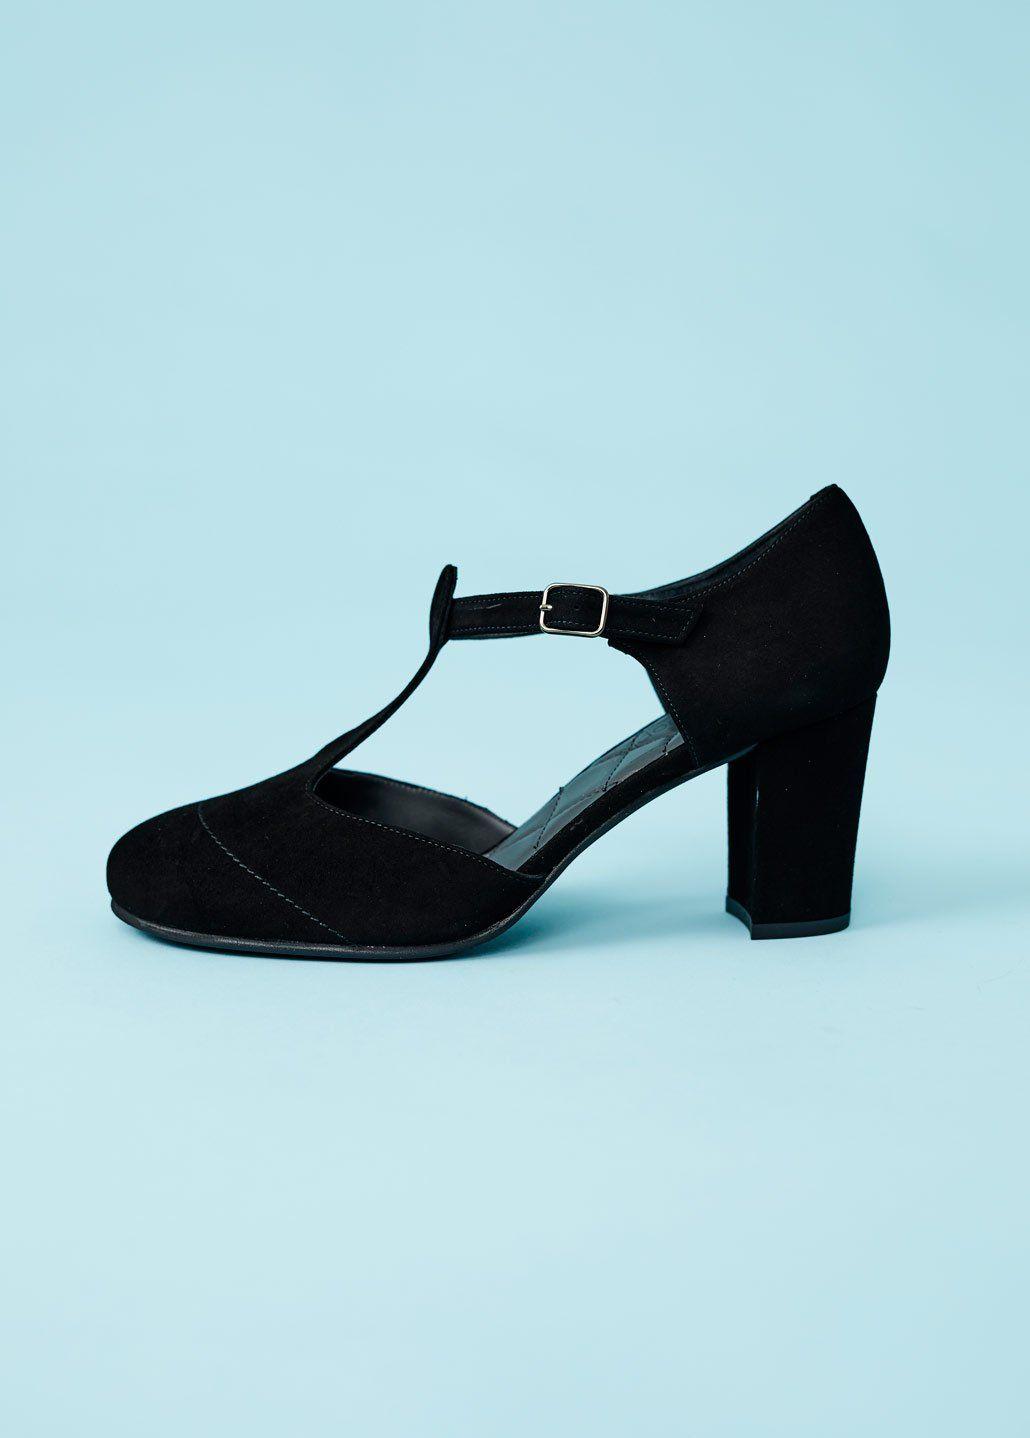 eksklusivt sortiment billigere godkendelsespriser Nordic ShoePeople: Ruskindspump med høj blokhæl - sort ...